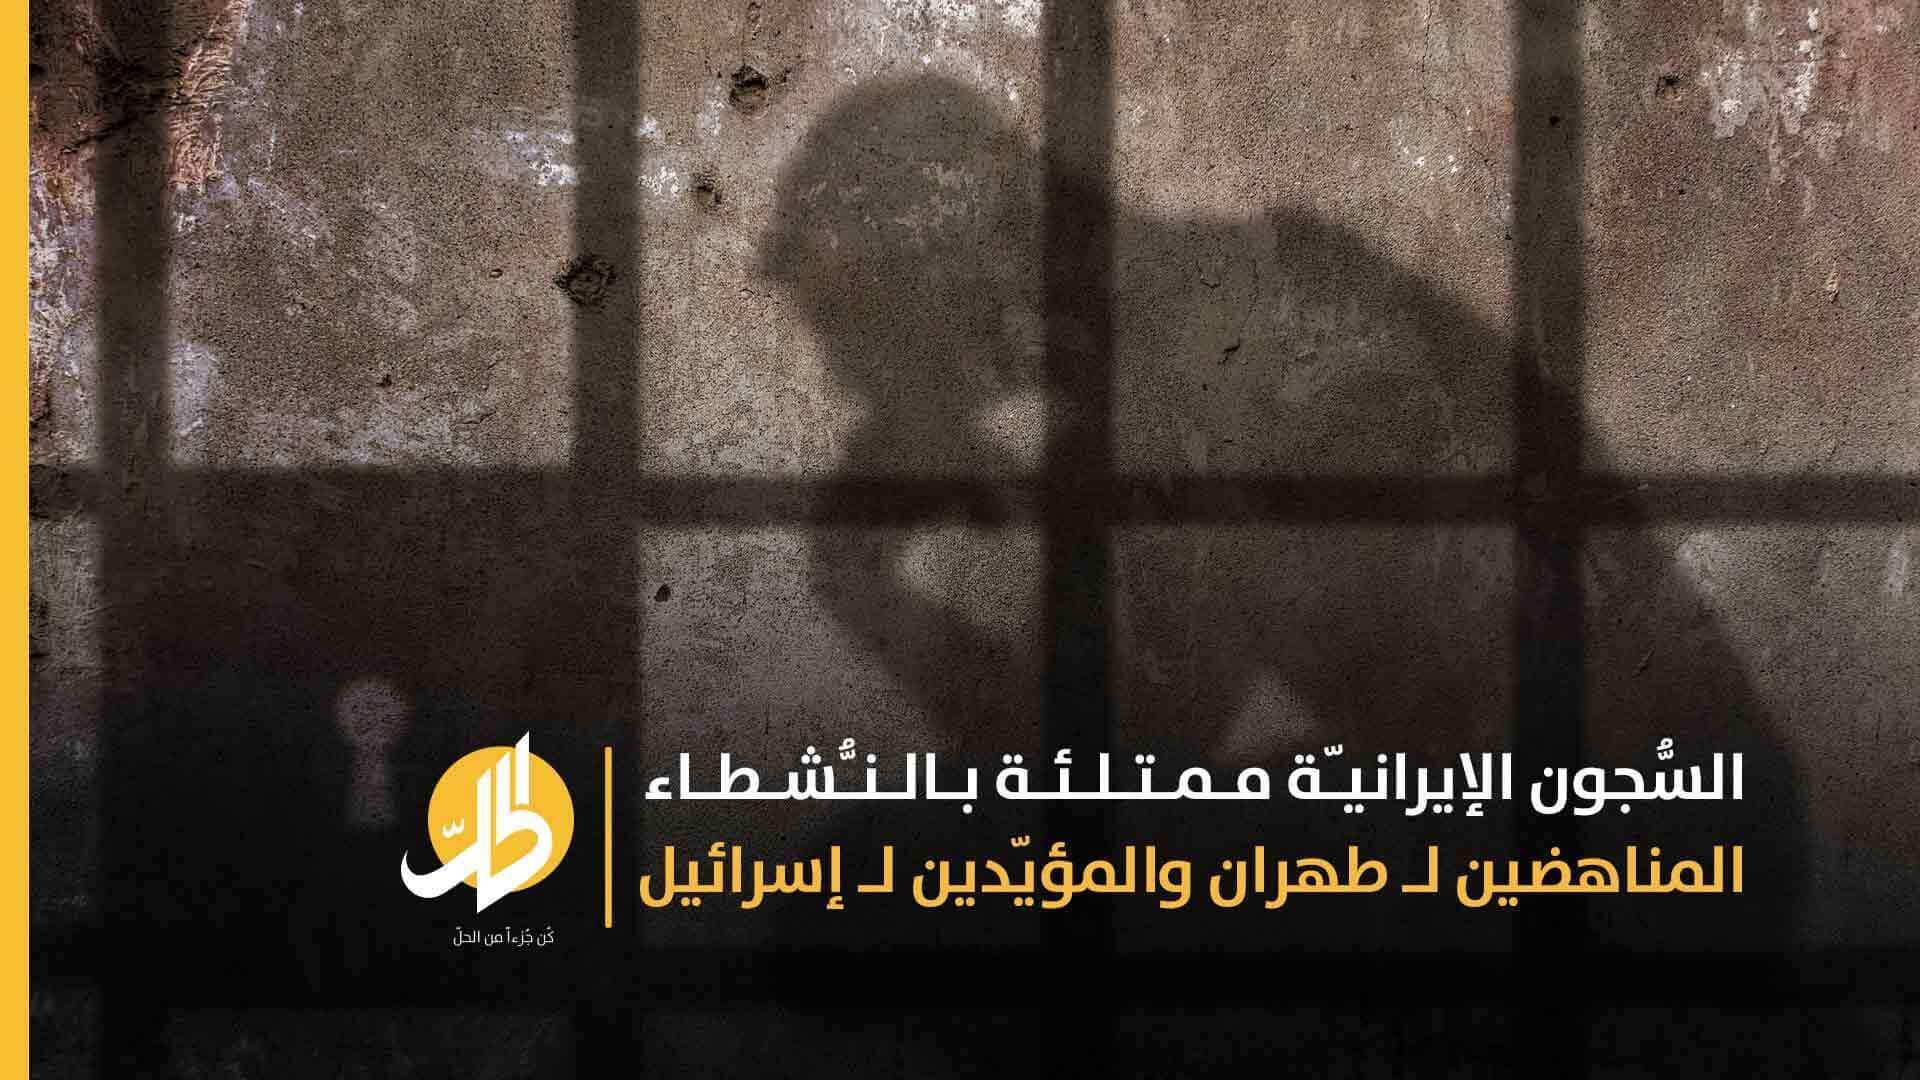 سجون التَّعذيب الإيرانيّة: هكذا تورّطت أنقرة في تسليم الناشطين الإيرانيين وخانت حلفاءها